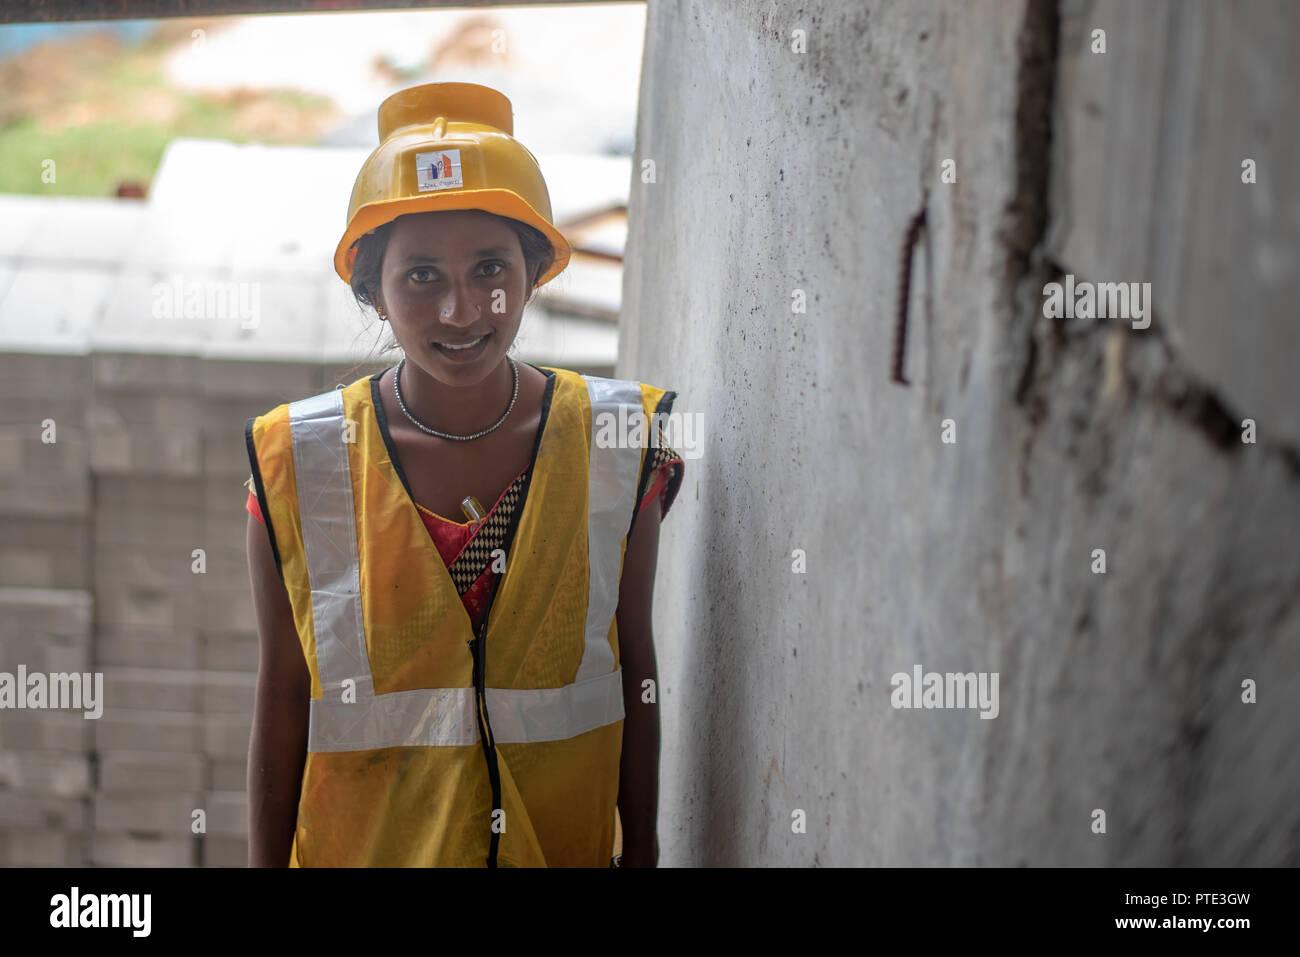 Donna operaio con la sicurezza usura alla costruzione sito. Città Urban in India è vedere un sacco di progetti di sviluppo. Immagini Stock